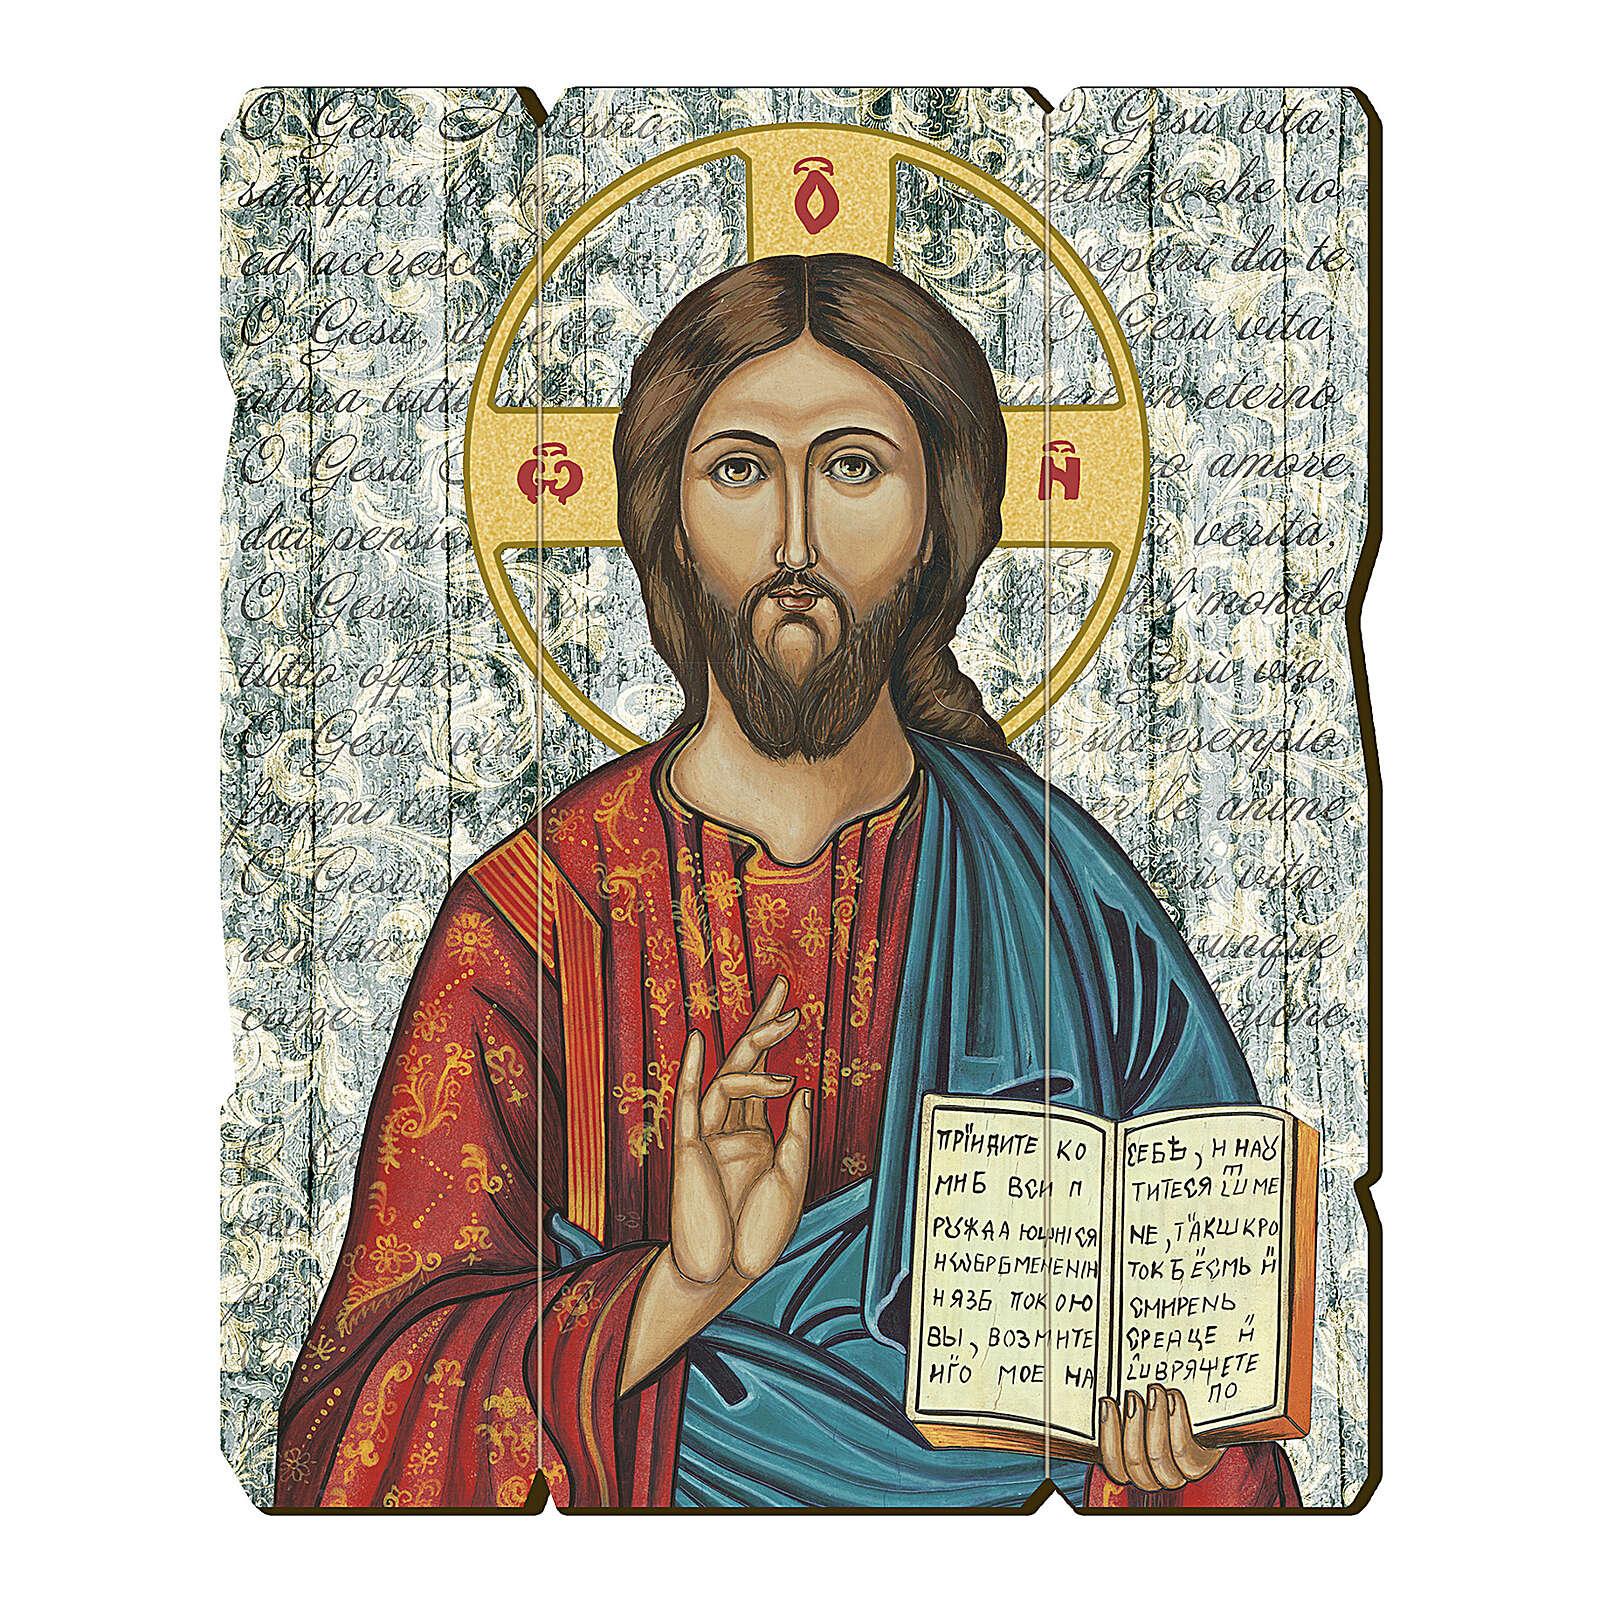 Quadro madeira moldada ícone Cristo Pantocrator 35x30 cm 3